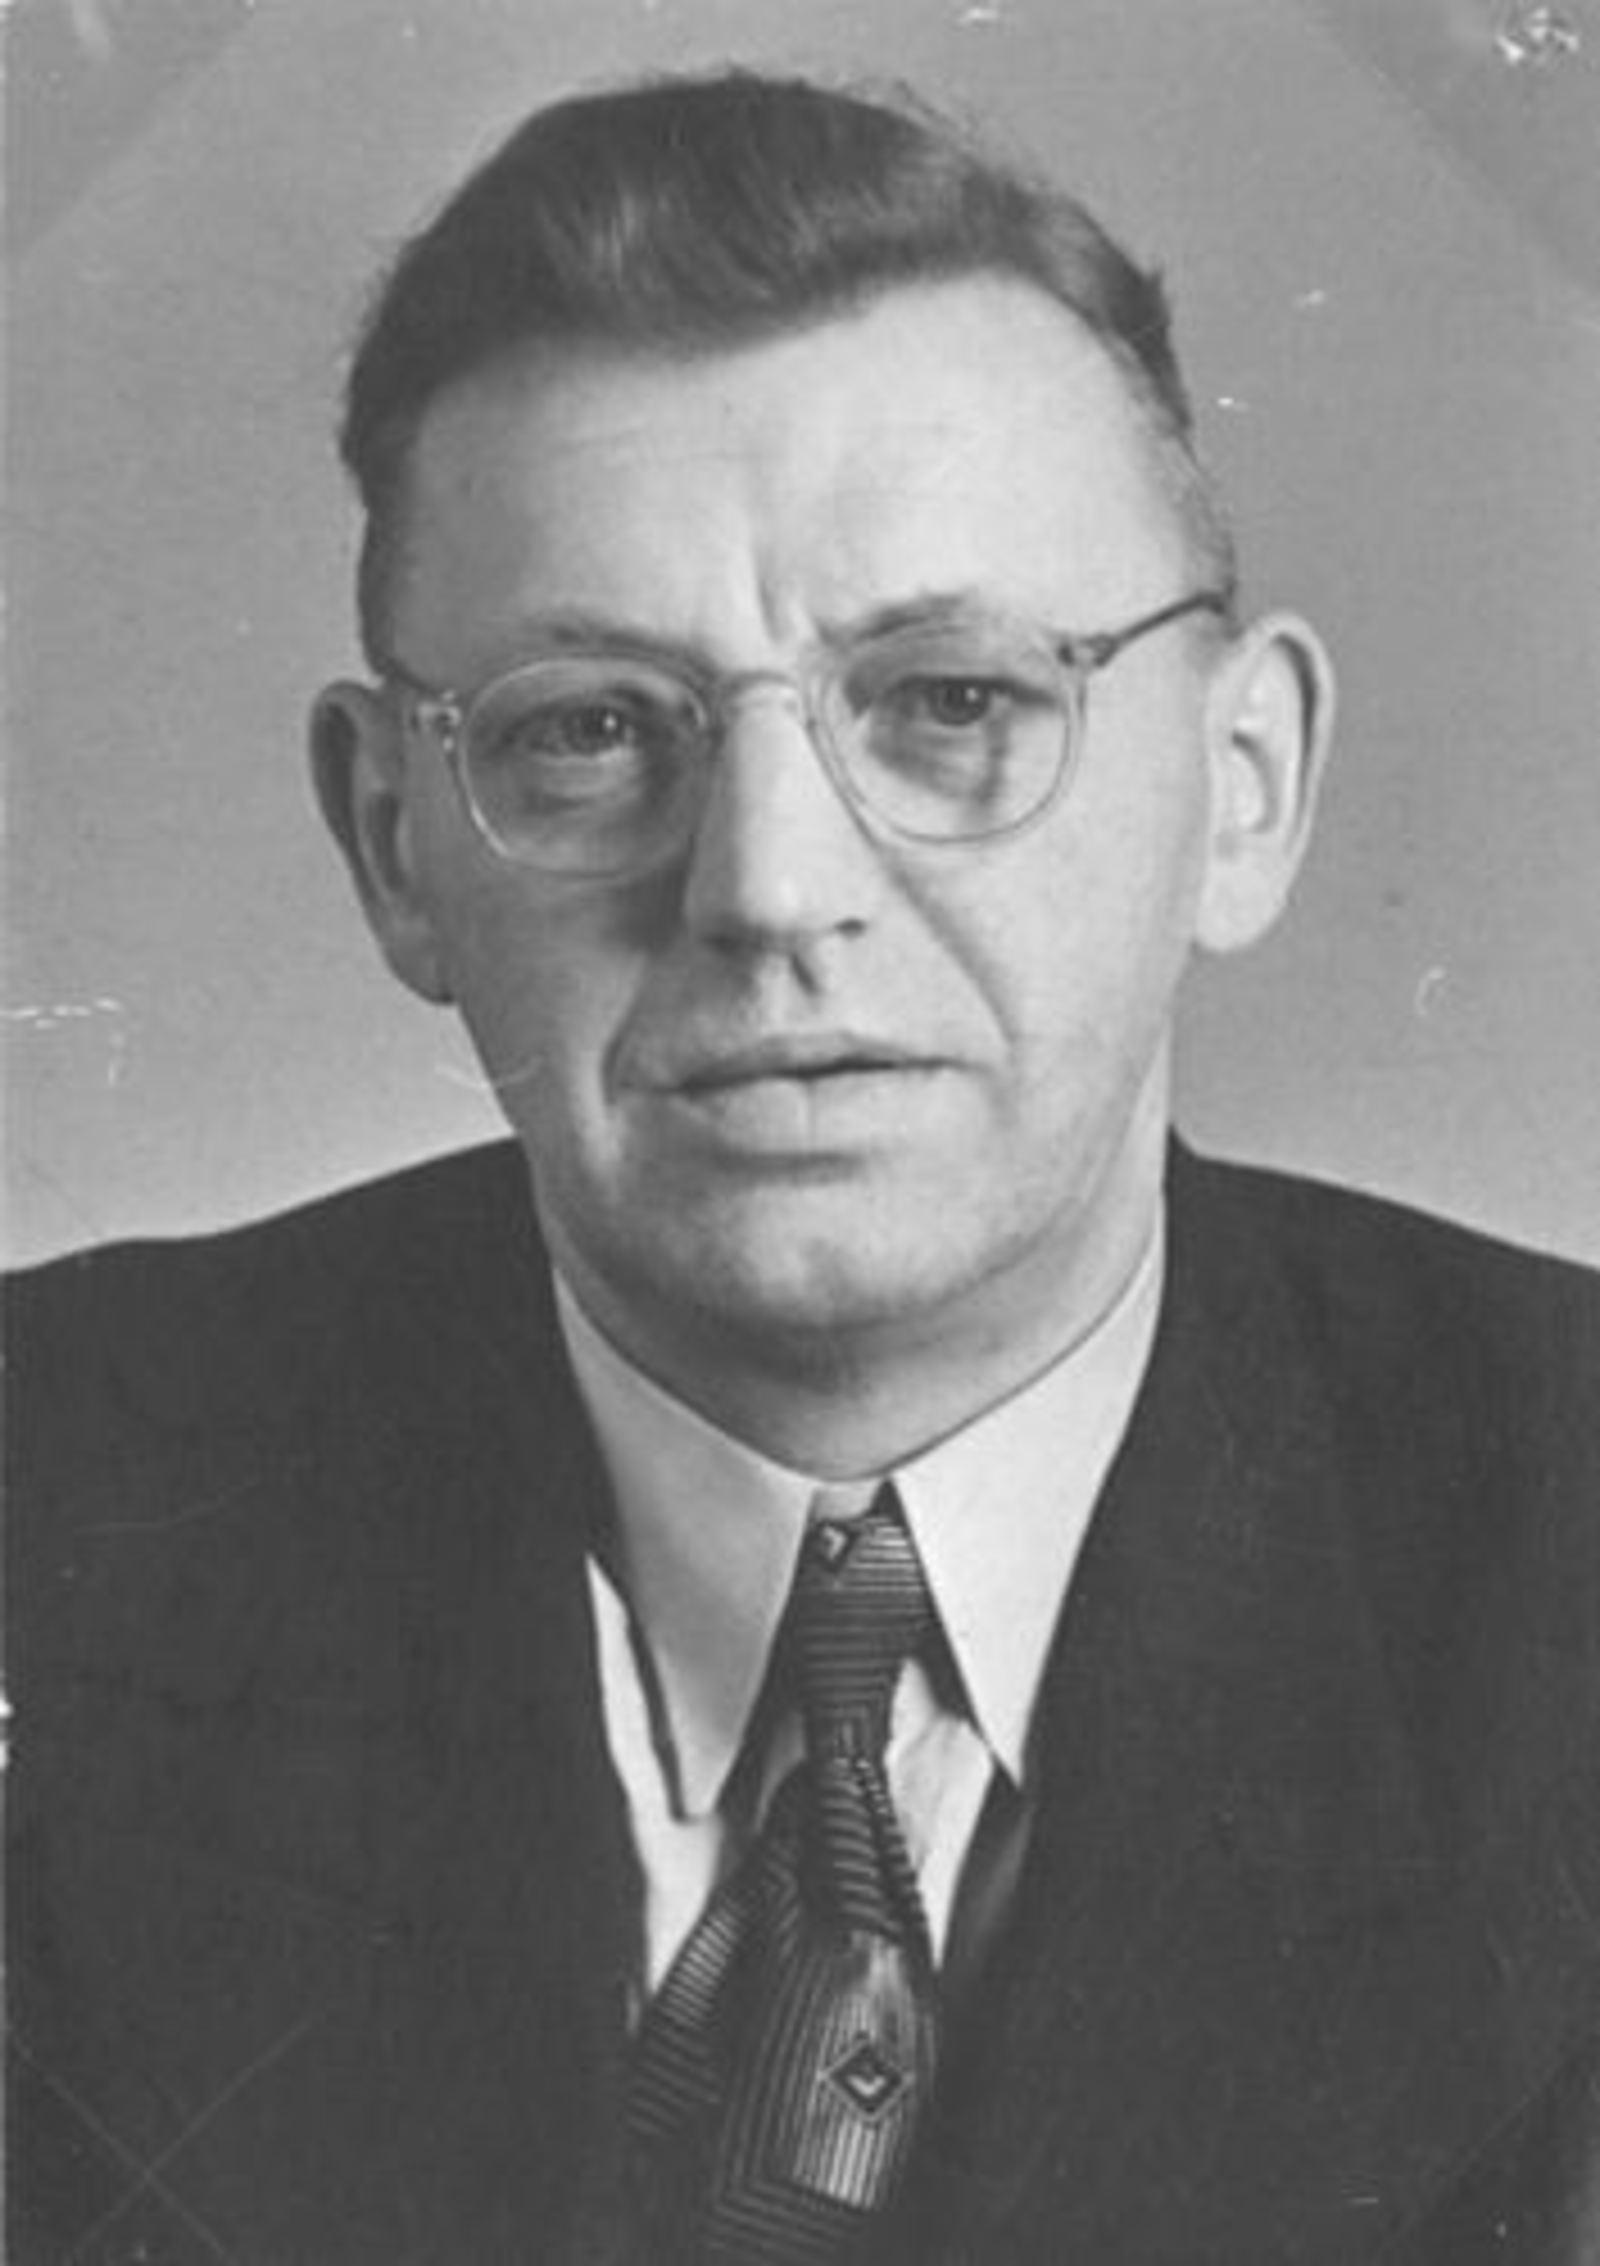 Wassenaar Hendrikus G 1909 1951 Pasfoto met vrouw Elisabeth A Duwel 01